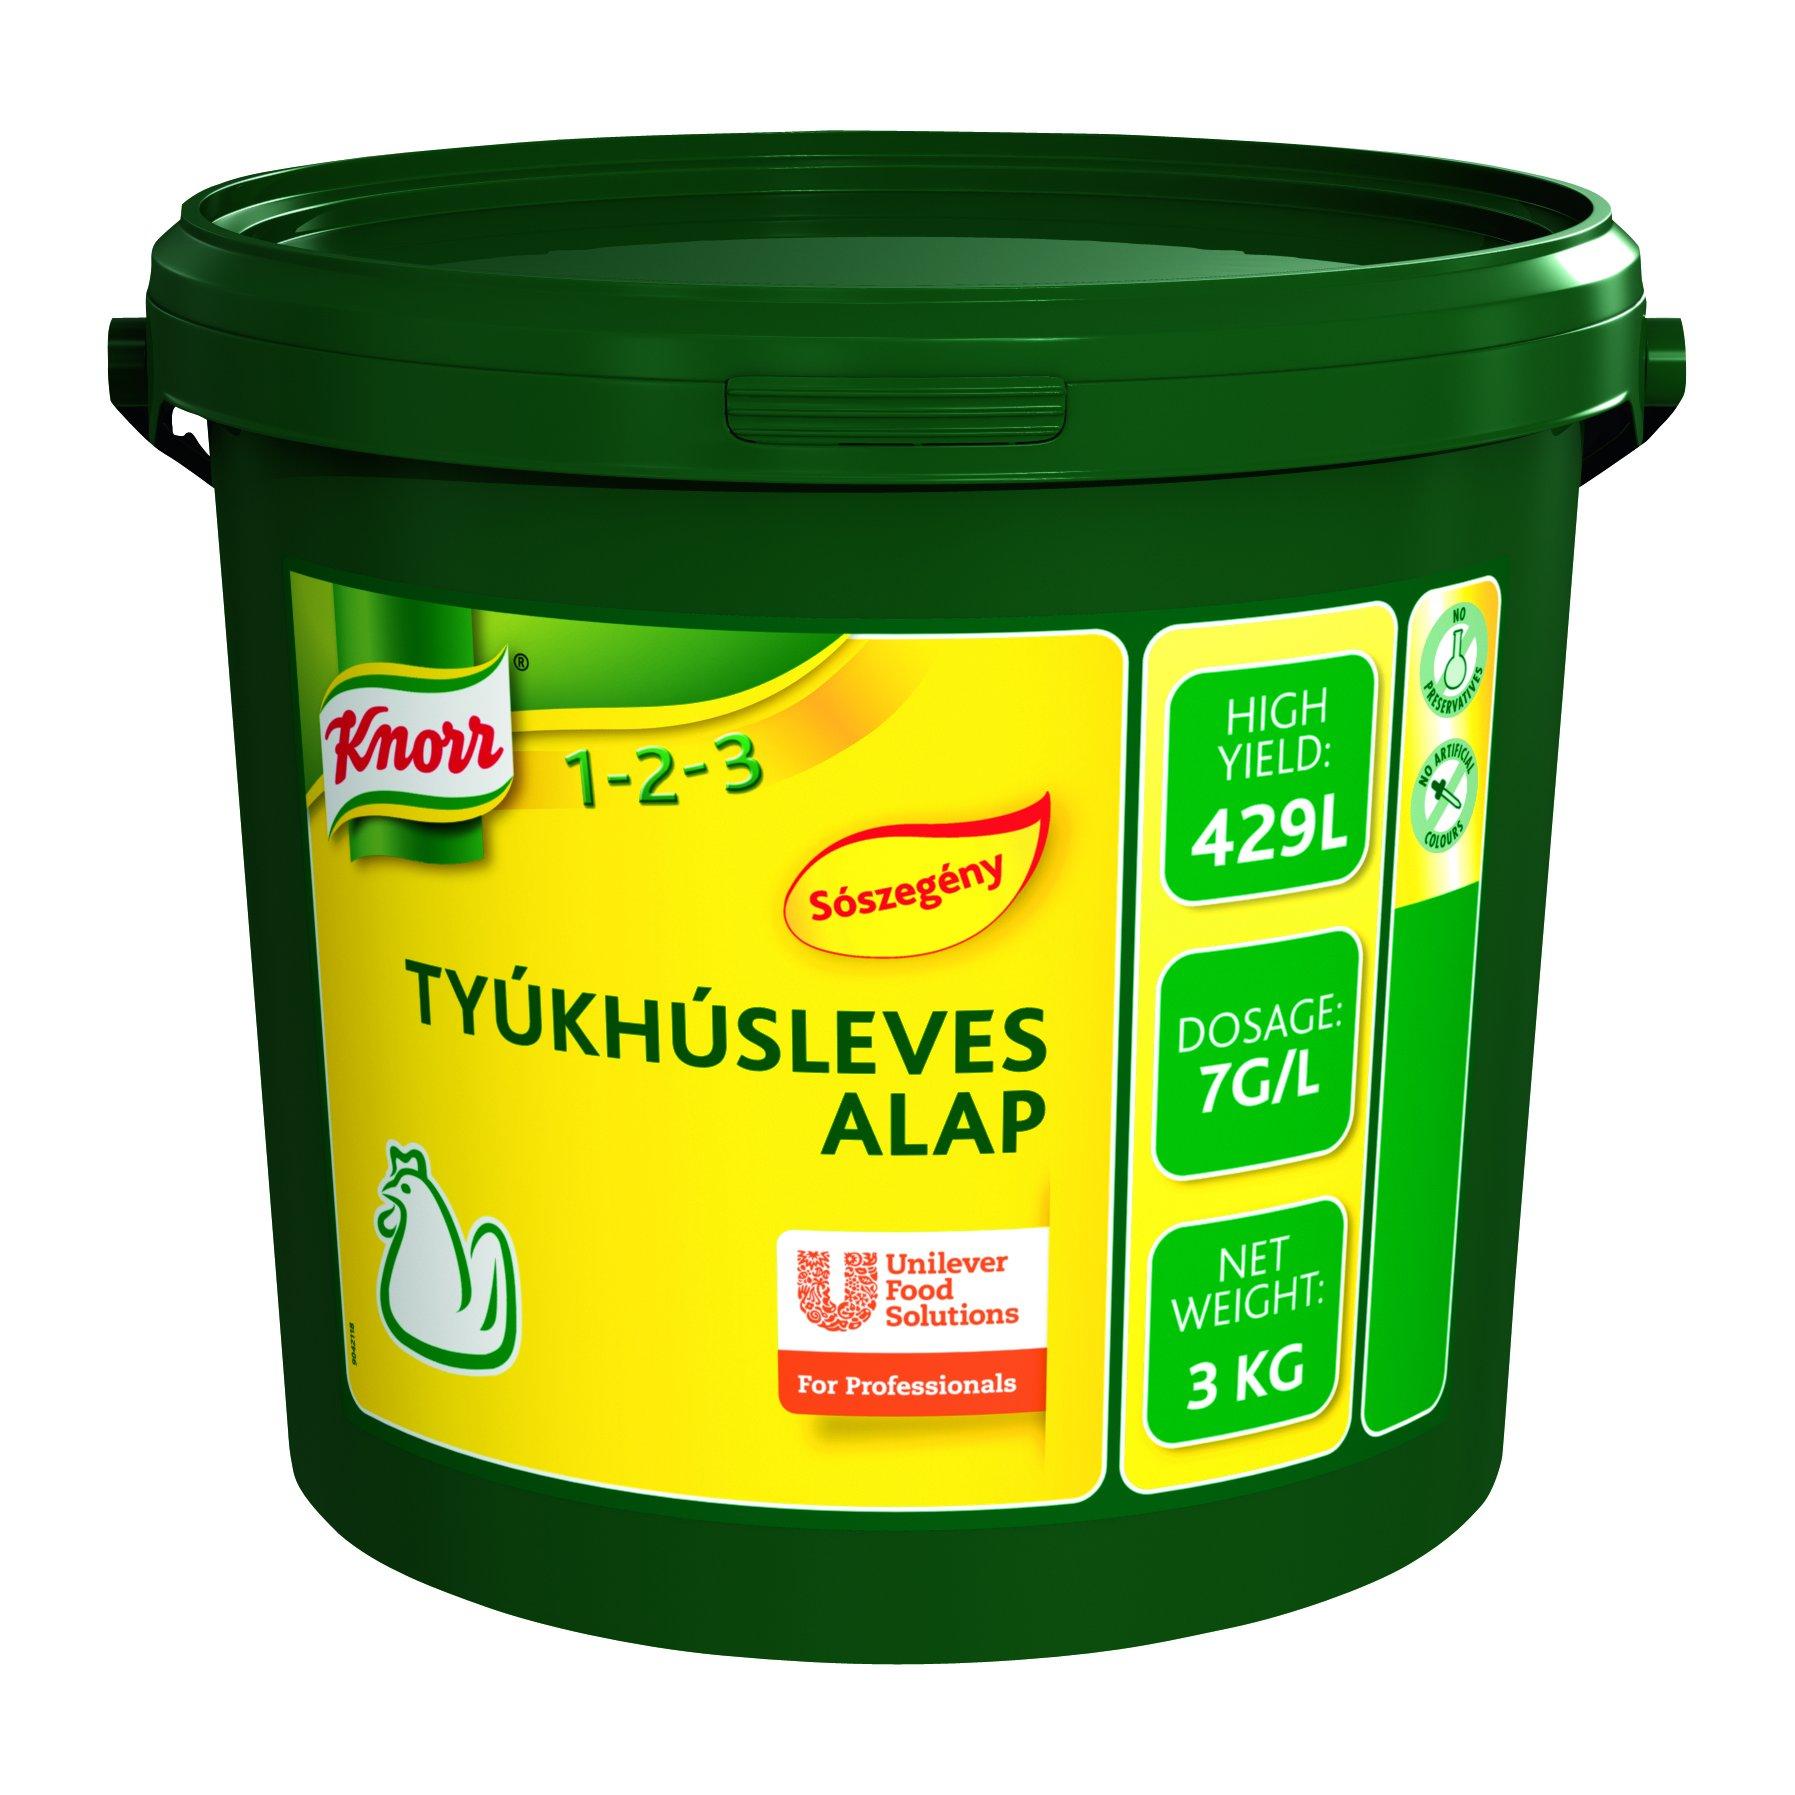 KNORR Tyúkhúsleves alap - Sószegény 3kg -